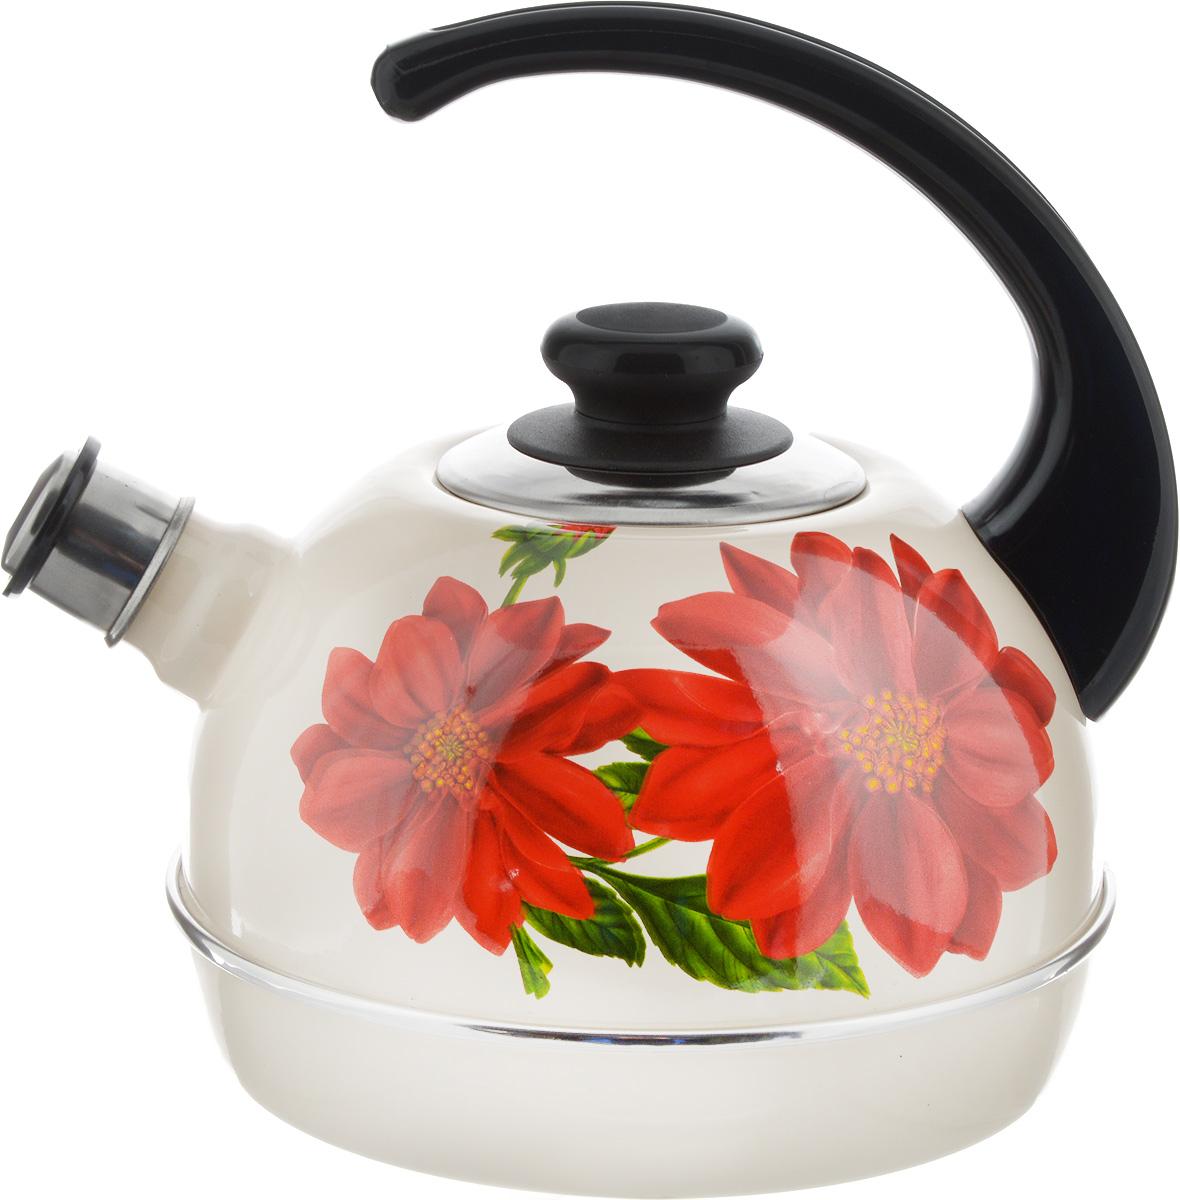 Чайник Рубин, со свистком, цвет: бежевый, красный, зеленый, 3,5 лVT-1520(SR)Чайник Рубин выполнен из высококачественной стали, что обеспечивает долговечность использования. Внешнее цветное эмалевое покрытие придает приятный внешний вид. Пластиковая фиксированная ручка делает использование чайника очень удобным и безопасным. Чайник снабжен съемным свистком.Можно мыть в посудомоечной машине. Пригоден для всех видов плит, включая индукционные.Высота чайника (без учета крышки и ручки): 14 см.Диаметр основания: 19 см.